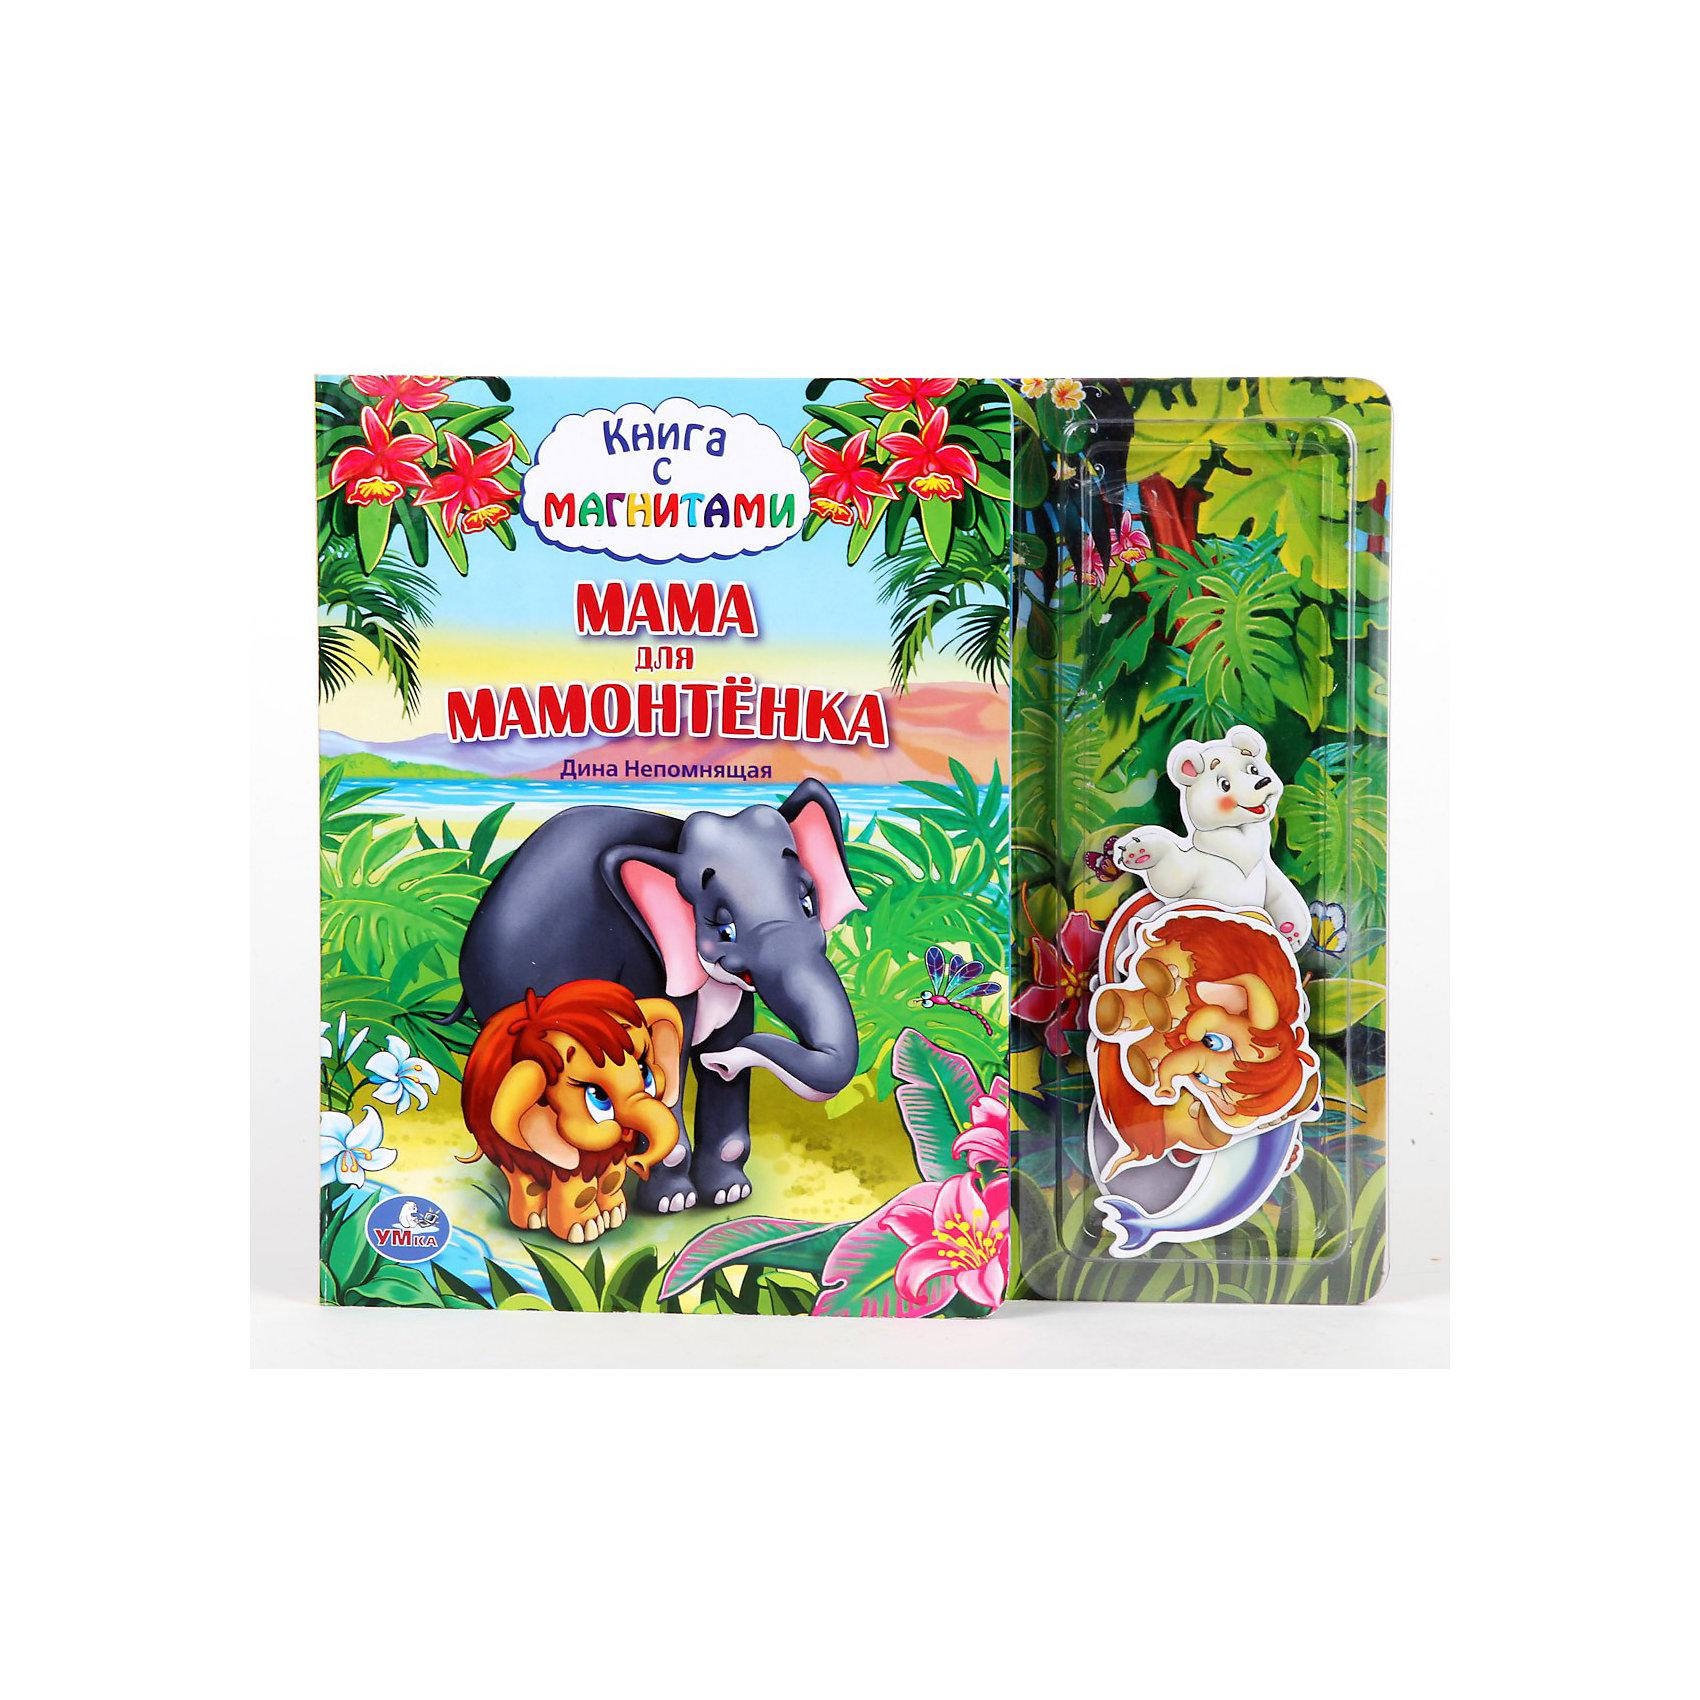 Книга с магнитными фигруками Мама для мамонтёнкаКнига с магнитными фигурками, ребёнок должен найти верные фигурки (глазки, носик, ротик и детали для игровых моментов) <br><br>Дополнительная информация:<br><br>Серия и автор: Книга с магнитами / Непомнящая Д<br>Формат и переплет:<br>230/200/10 картонный<br>Батарейки: нет<br><br>Станет прекрасным подарком к наступающим праздникам!Можно с легкостью купить в нашем интерне-магазине.<br><br>Ширина мм: 10<br>Глубина мм: 120<br>Высота мм: 100<br>Вес г: 610<br>Возраст от месяцев: 36<br>Возраст до месяцев: 60<br>Пол: Унисекс<br>Возраст: Детский<br>SKU: 3374625